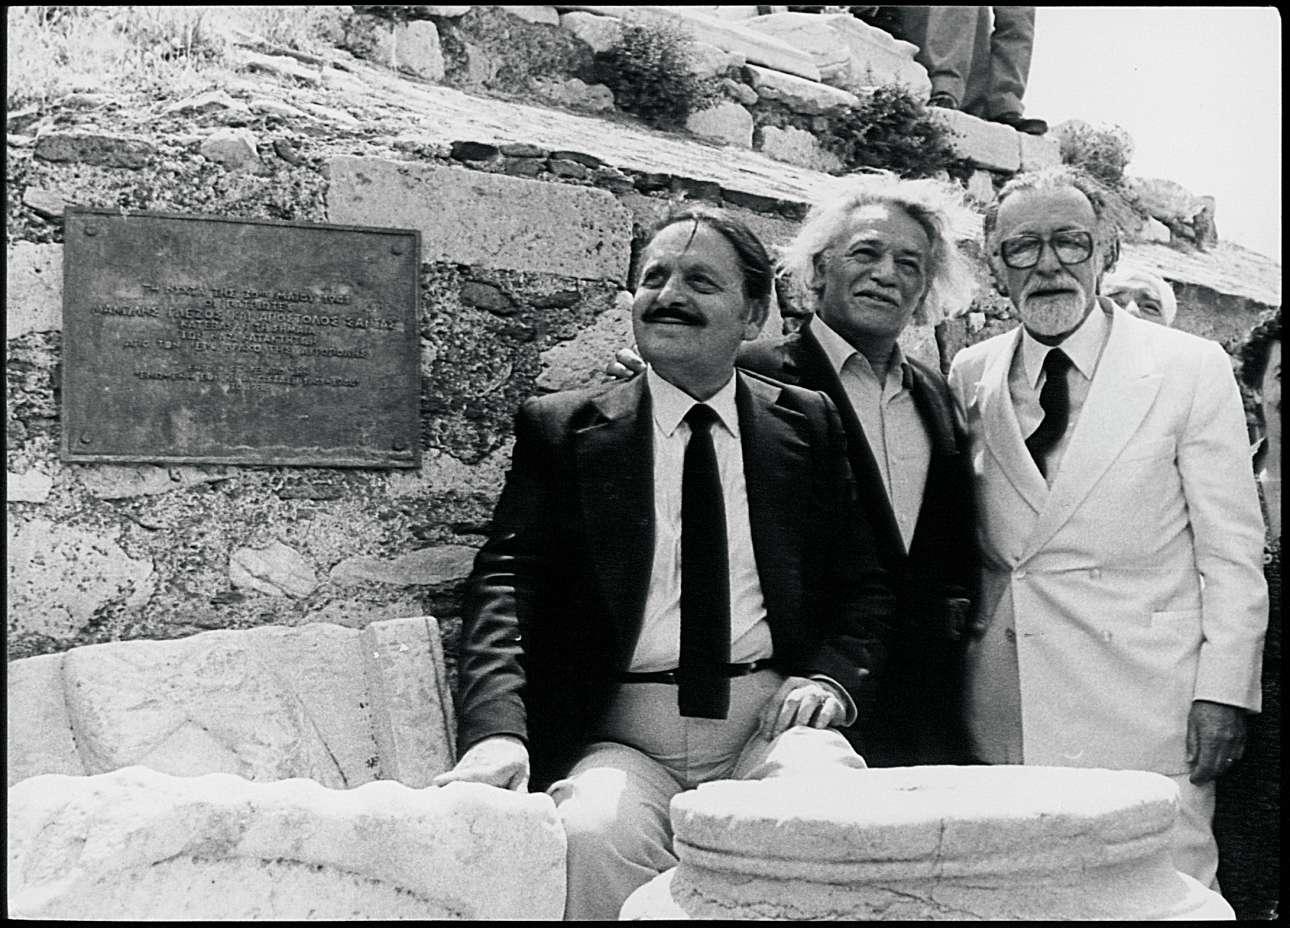 Με τον Λάκη Σάντα και τον κορυφαίο αρχαιολόγο Μανώλη Ανδρόνικο τη δεκαετία του 1980 στην Ακρόπολη